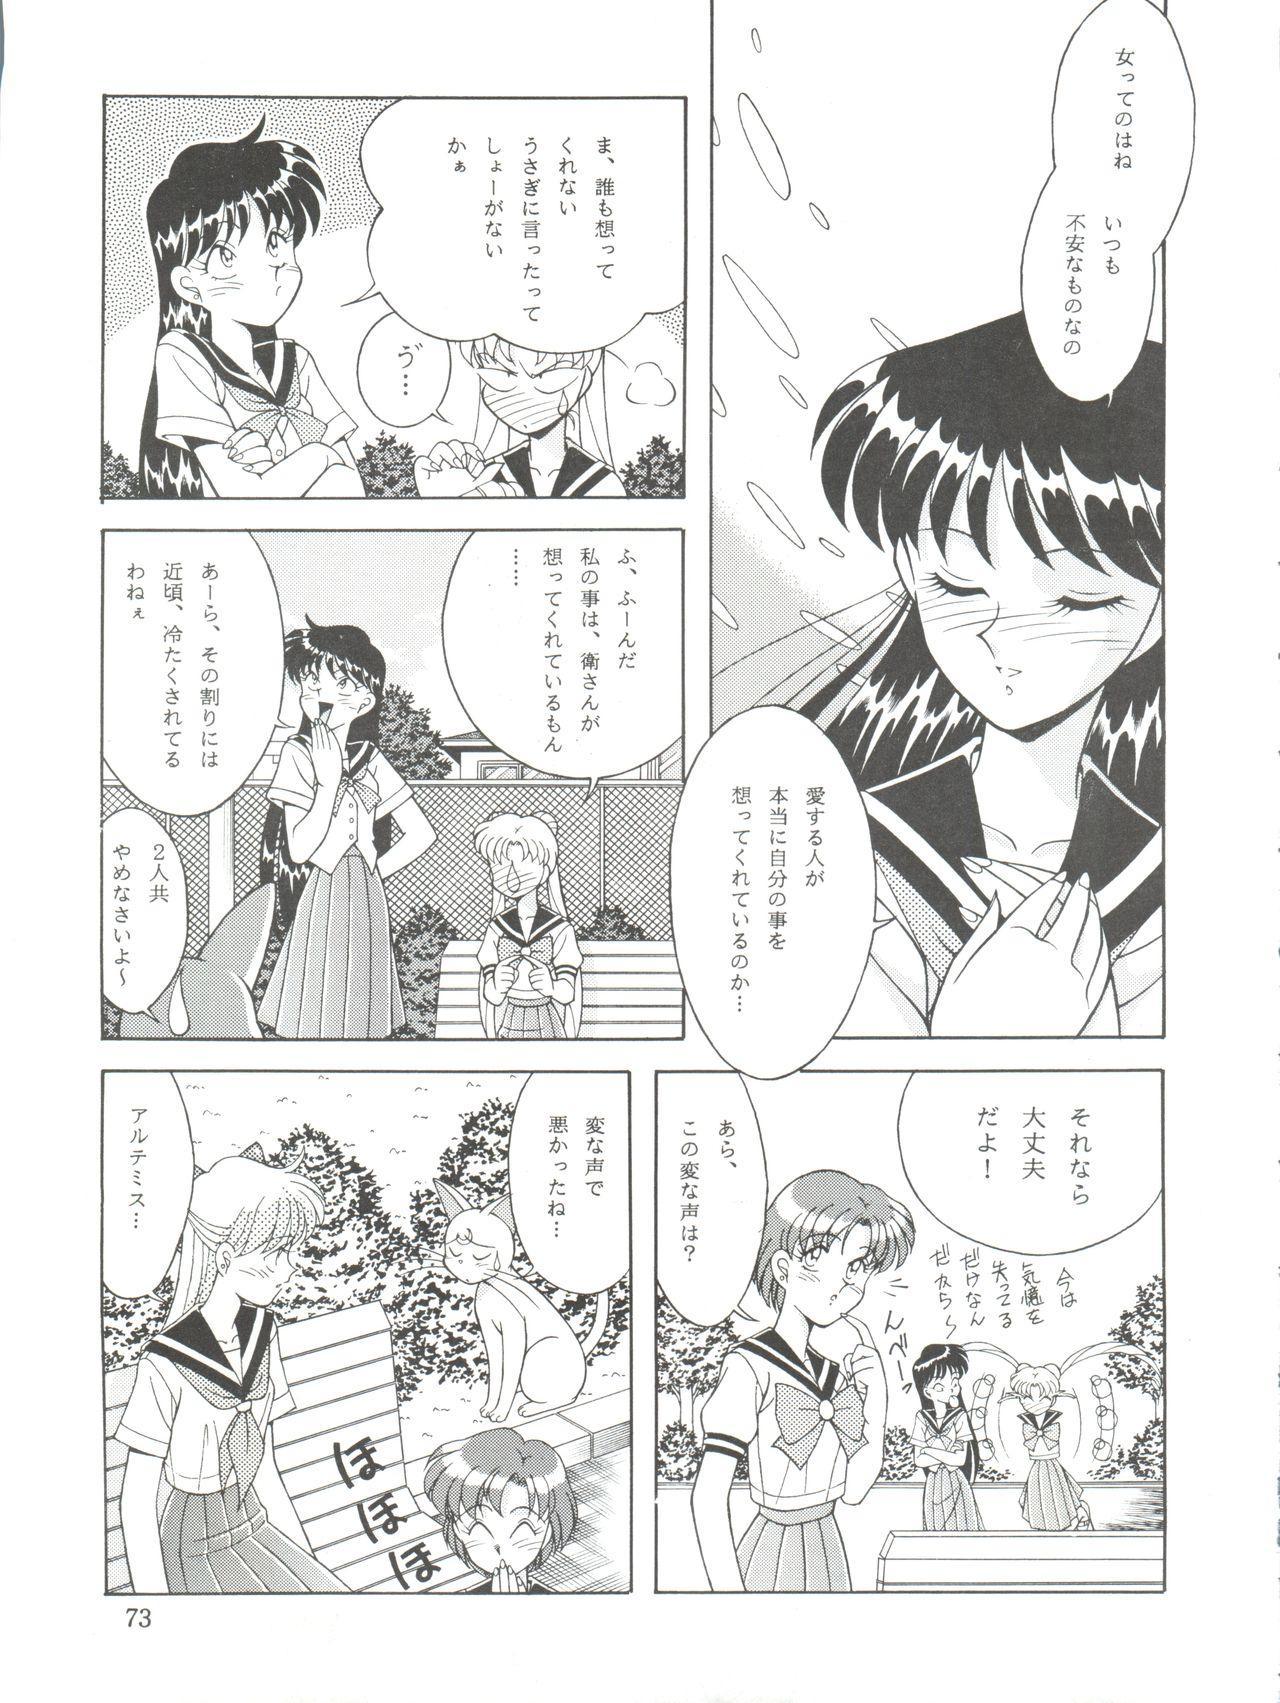 NANIWA-YA FINAL DRESS UP! 72